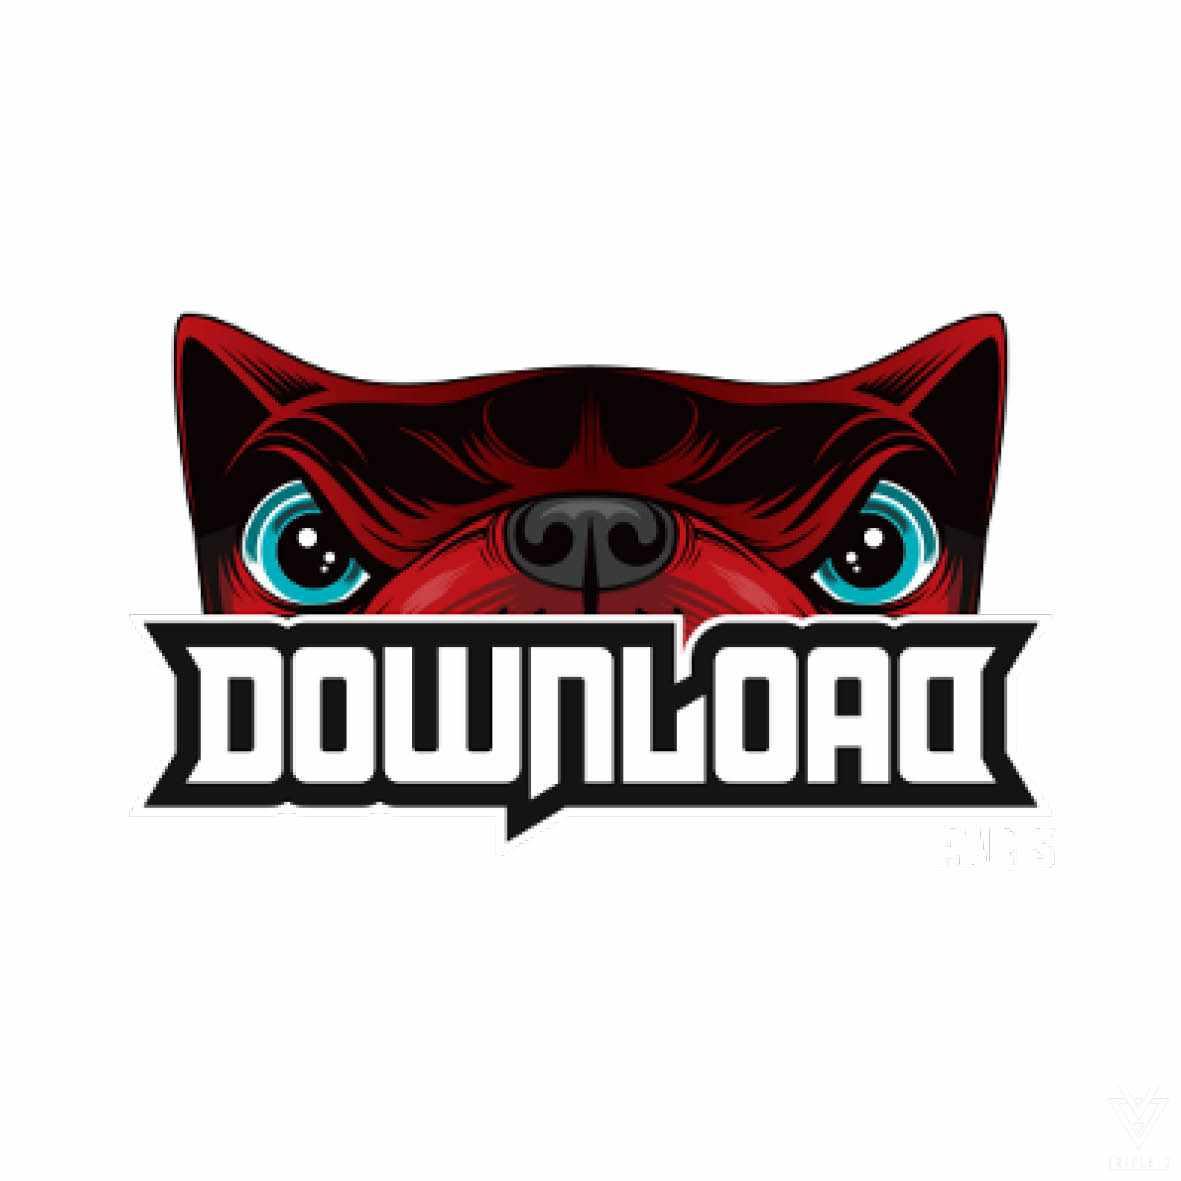 Triple - D Download